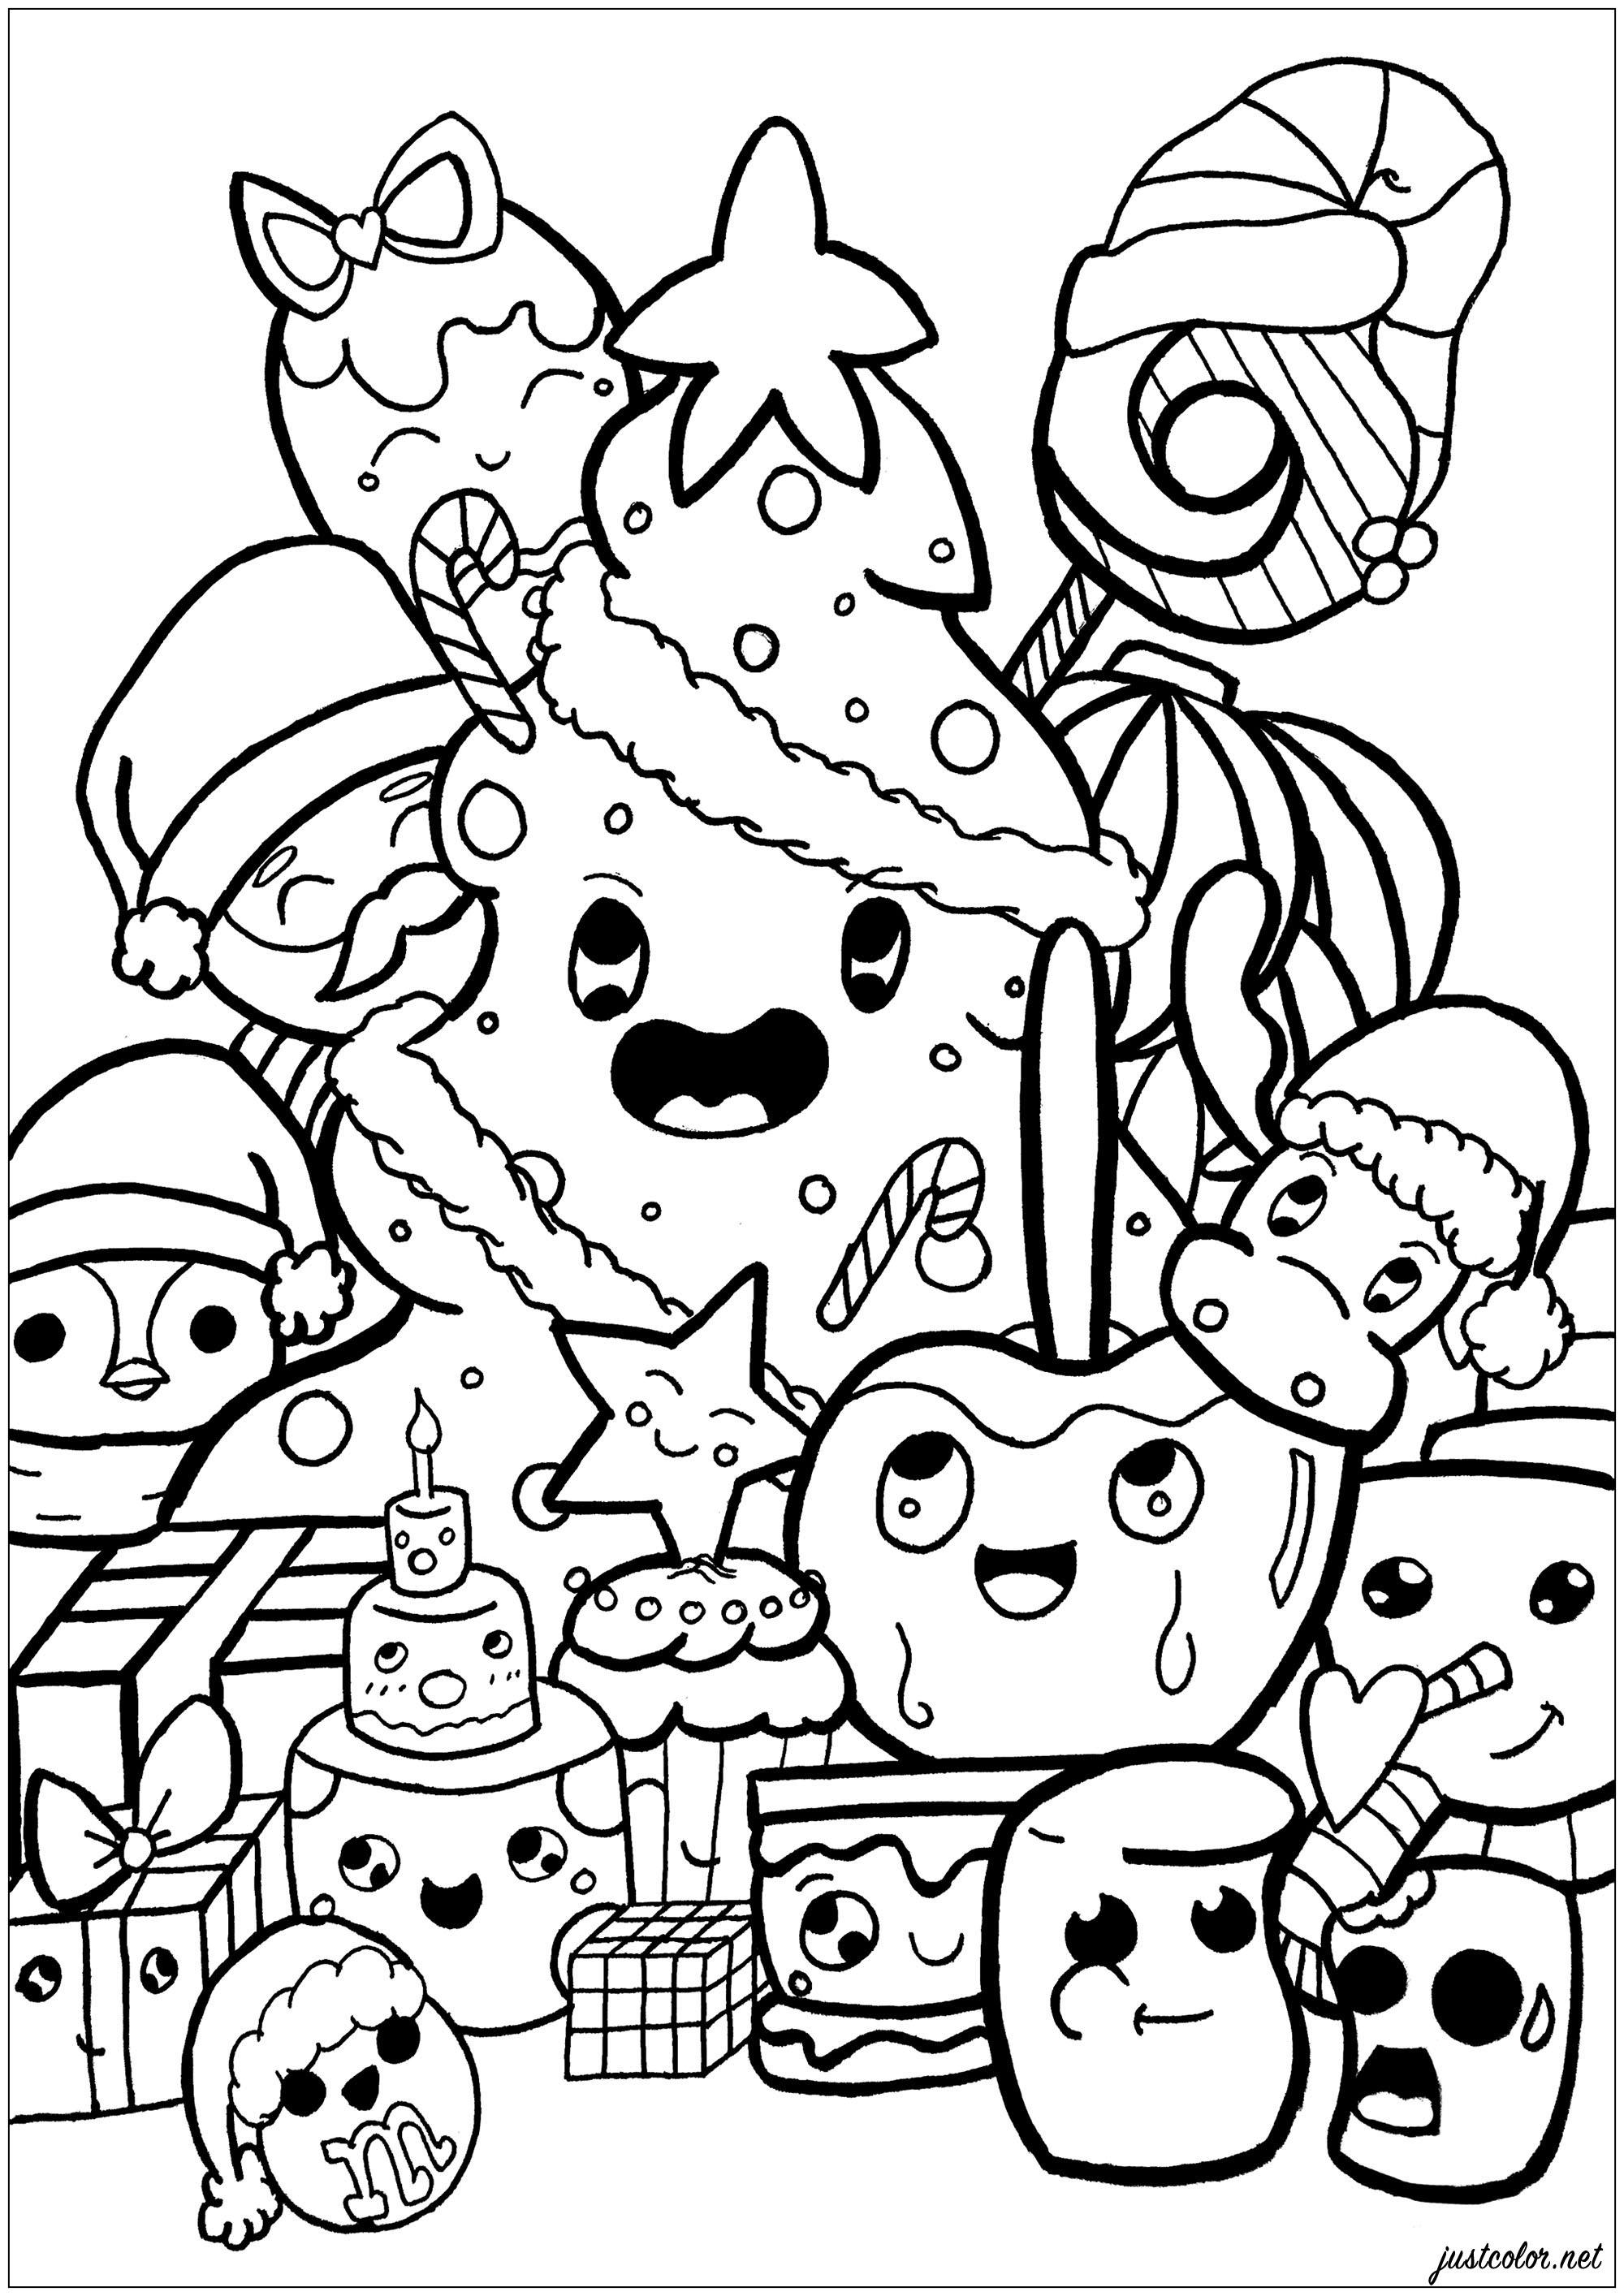 Colorear para Adultos : Doodle art / Doodling - 2